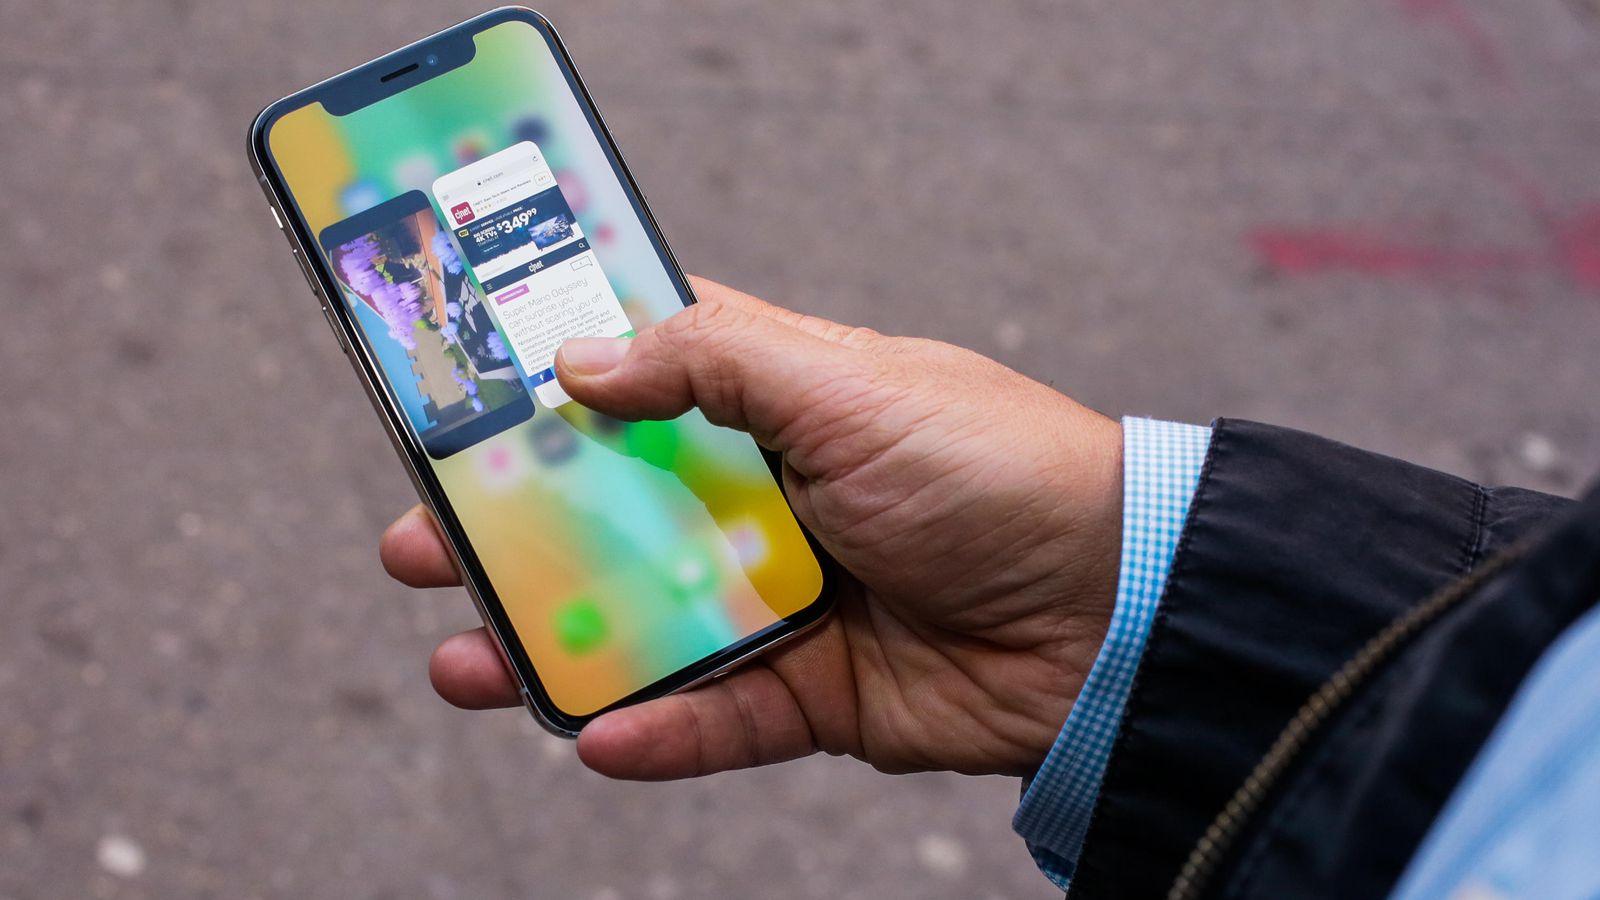 Юзеры сказали о новоиспеченной проблеме вiPhone X